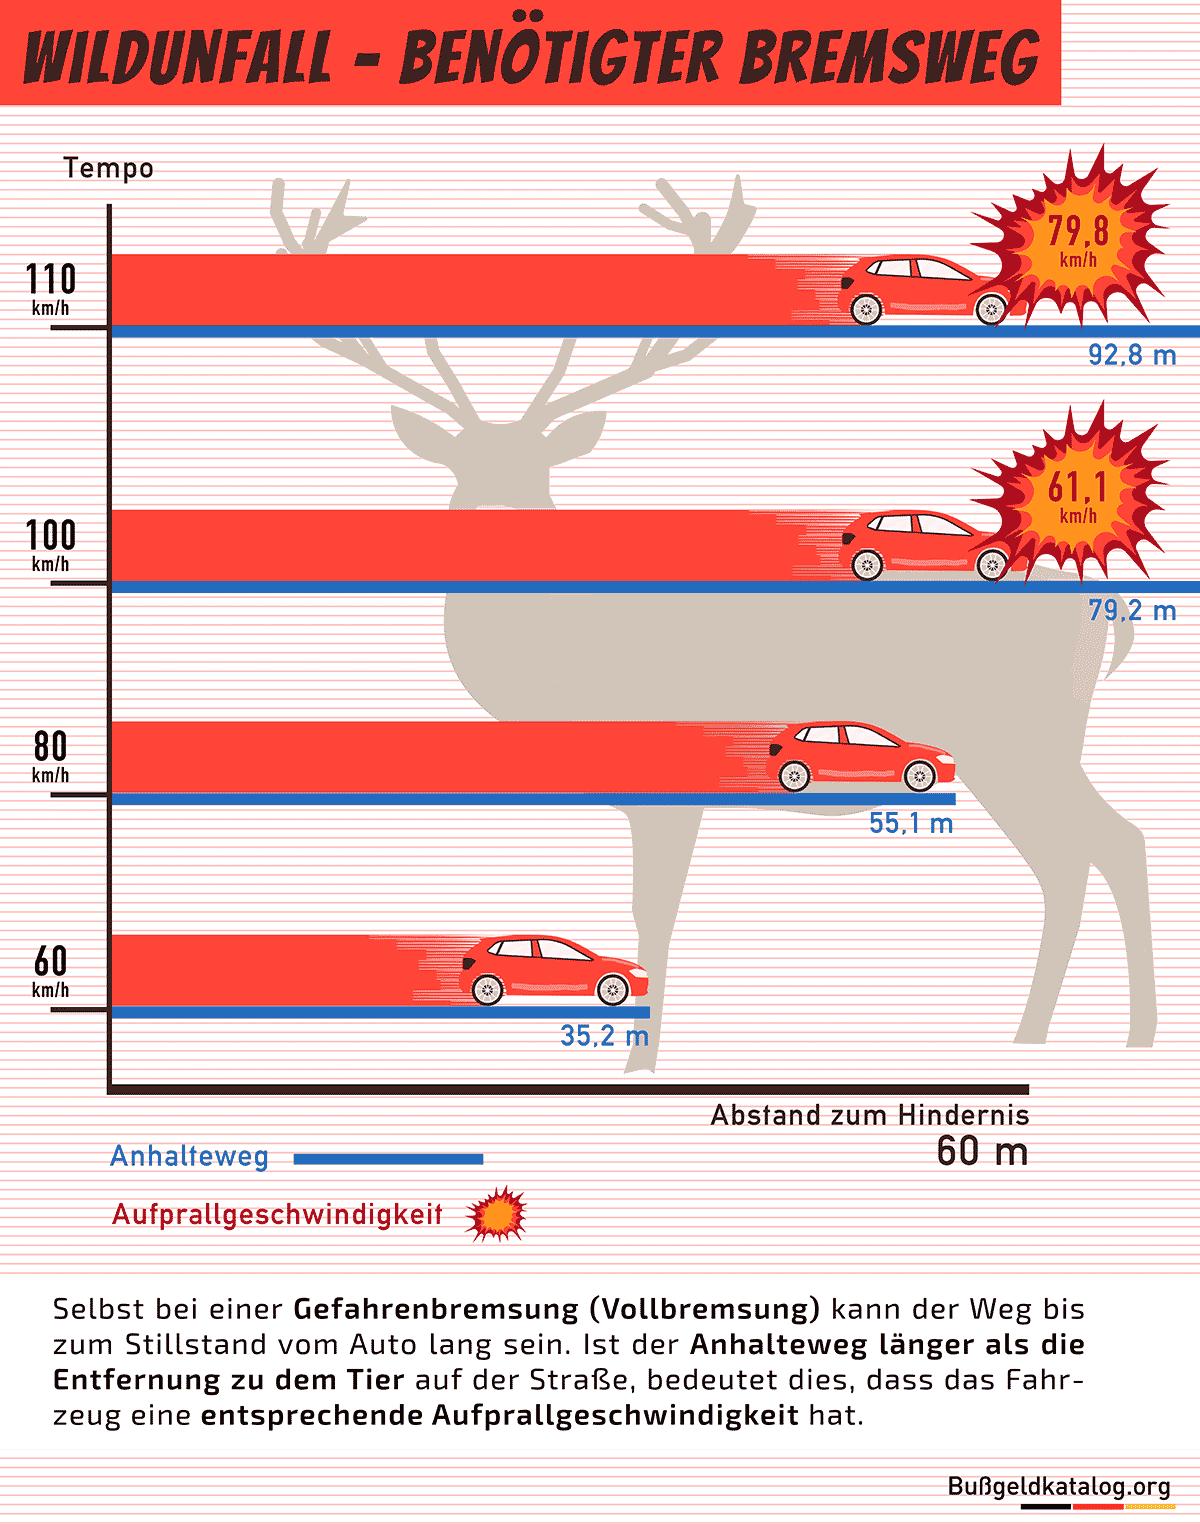 Bremsweg und Aufprallgeschwindigkeit bei einem Wildunfall